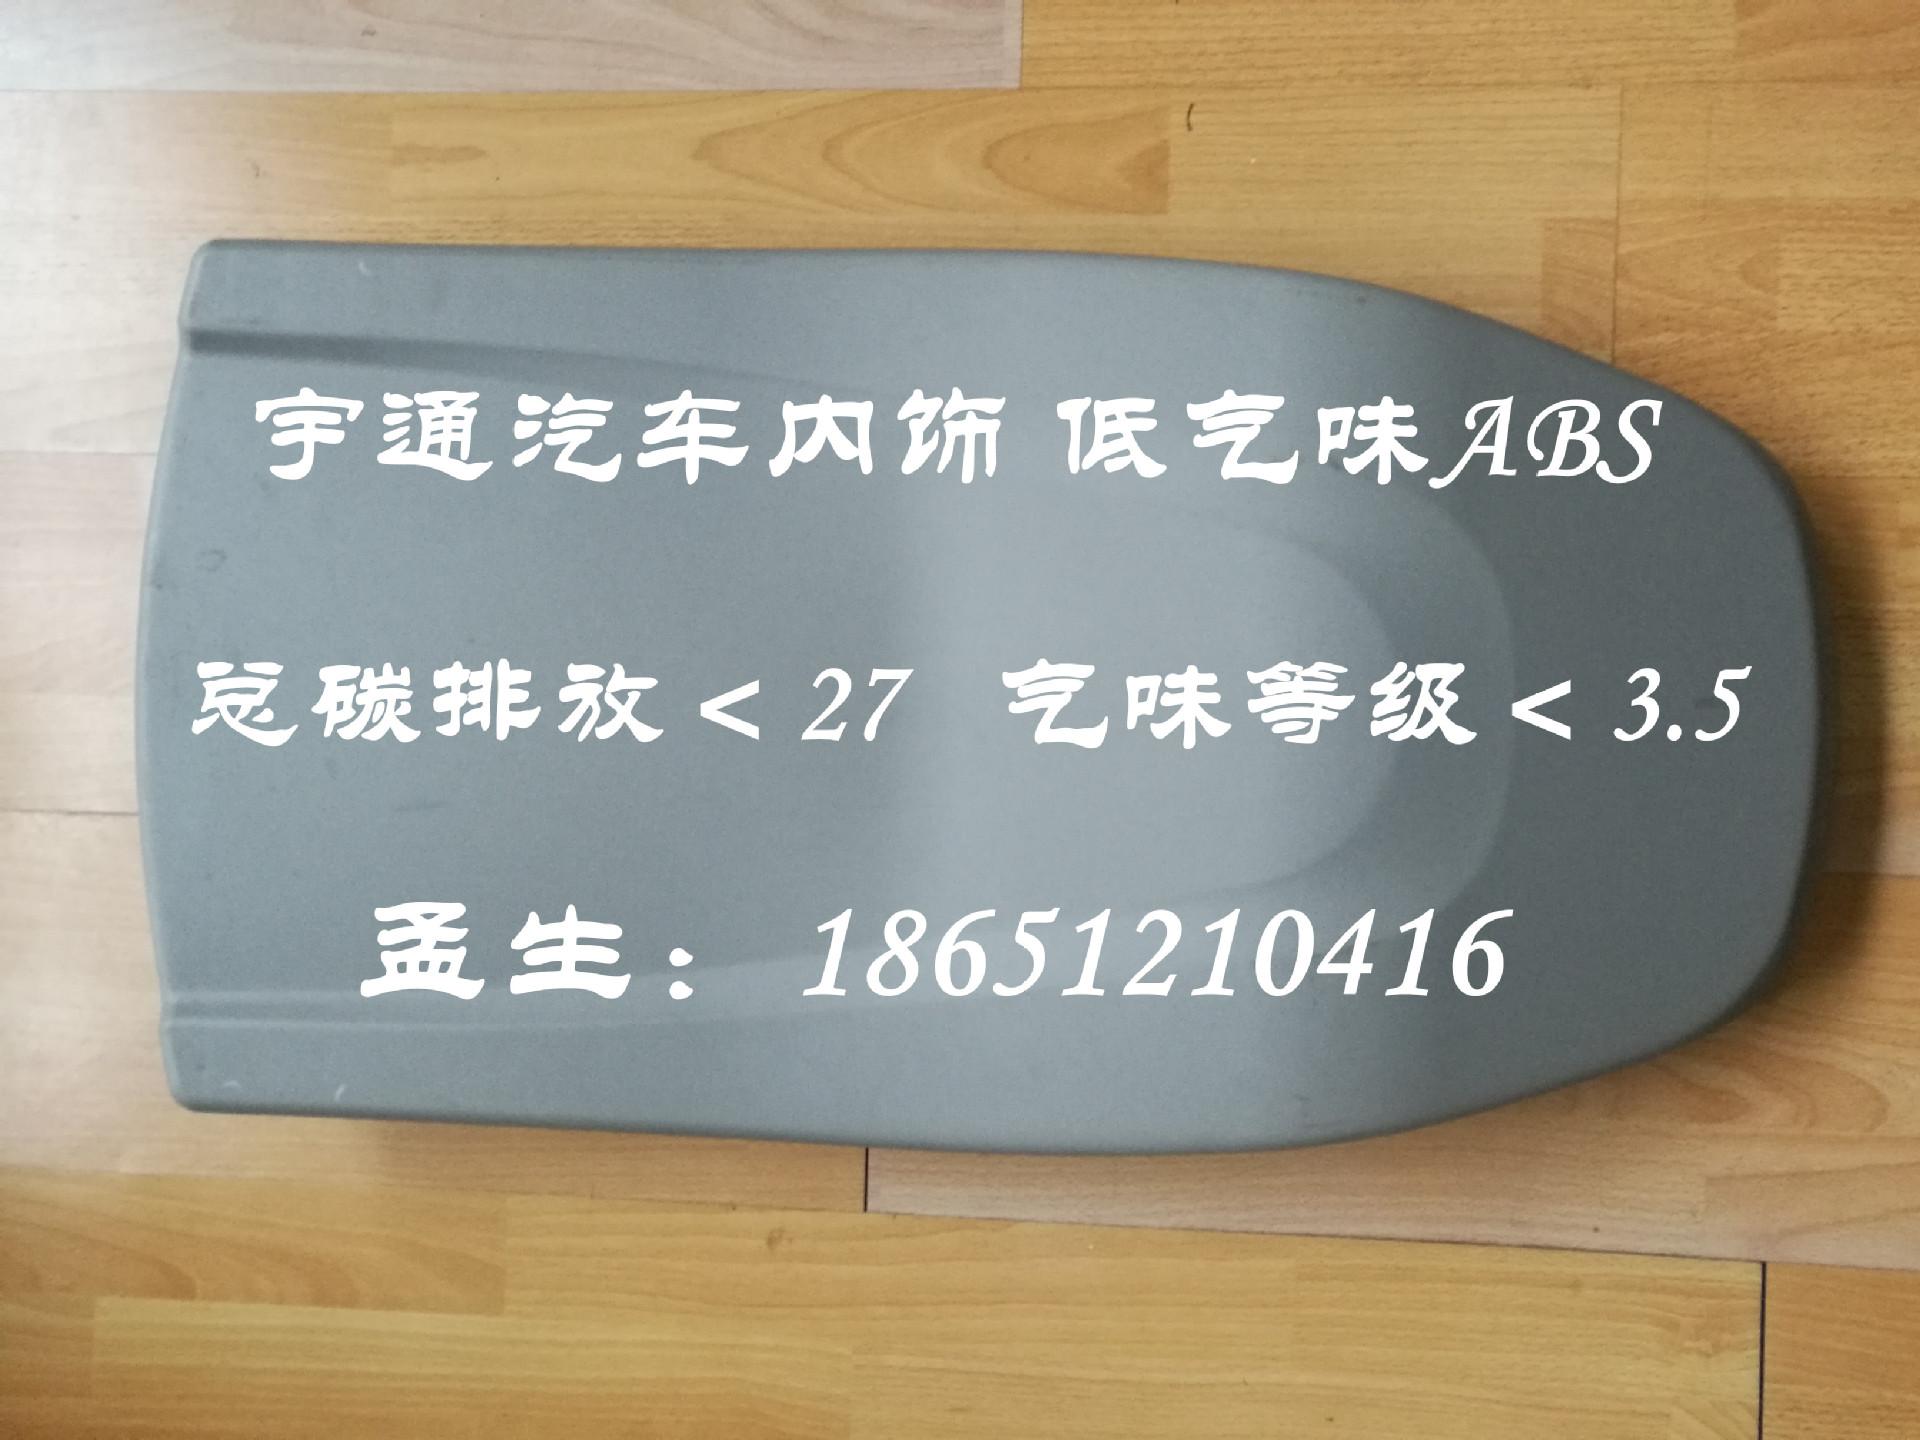 厂家直销 本色玻纤增强30% 尼龙PA6  环保白色 性能稳定,性价比示例图8